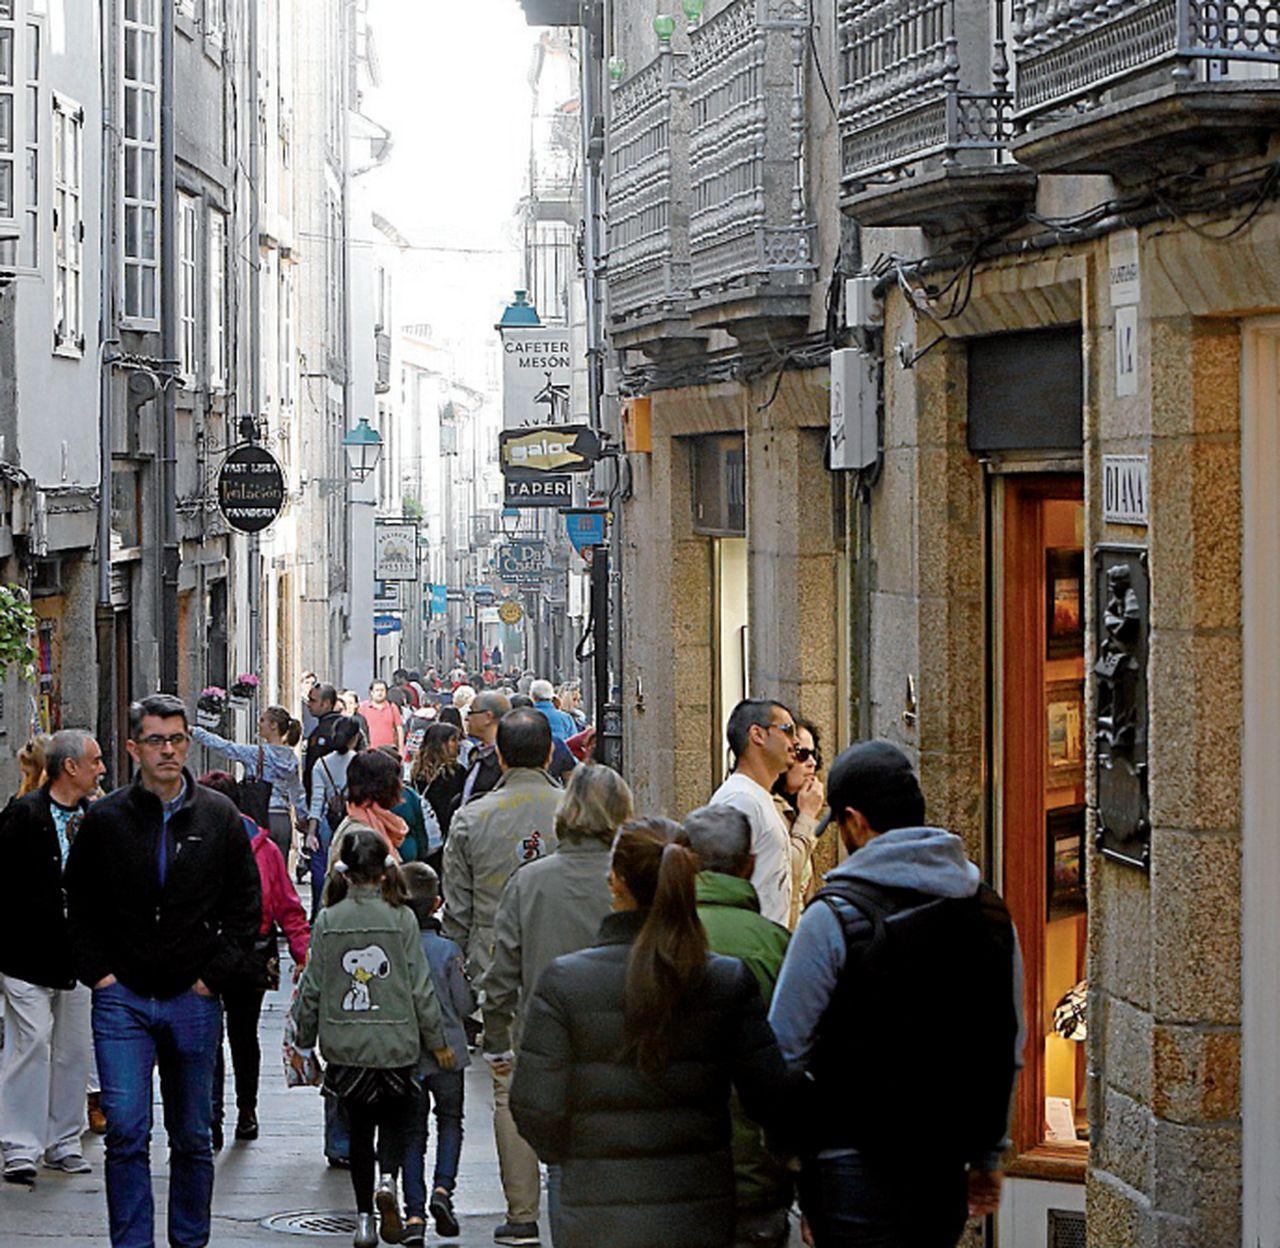 La rúa Calderería es una de las principales arterias comerciales de la ciudad - FOTO: A.H.